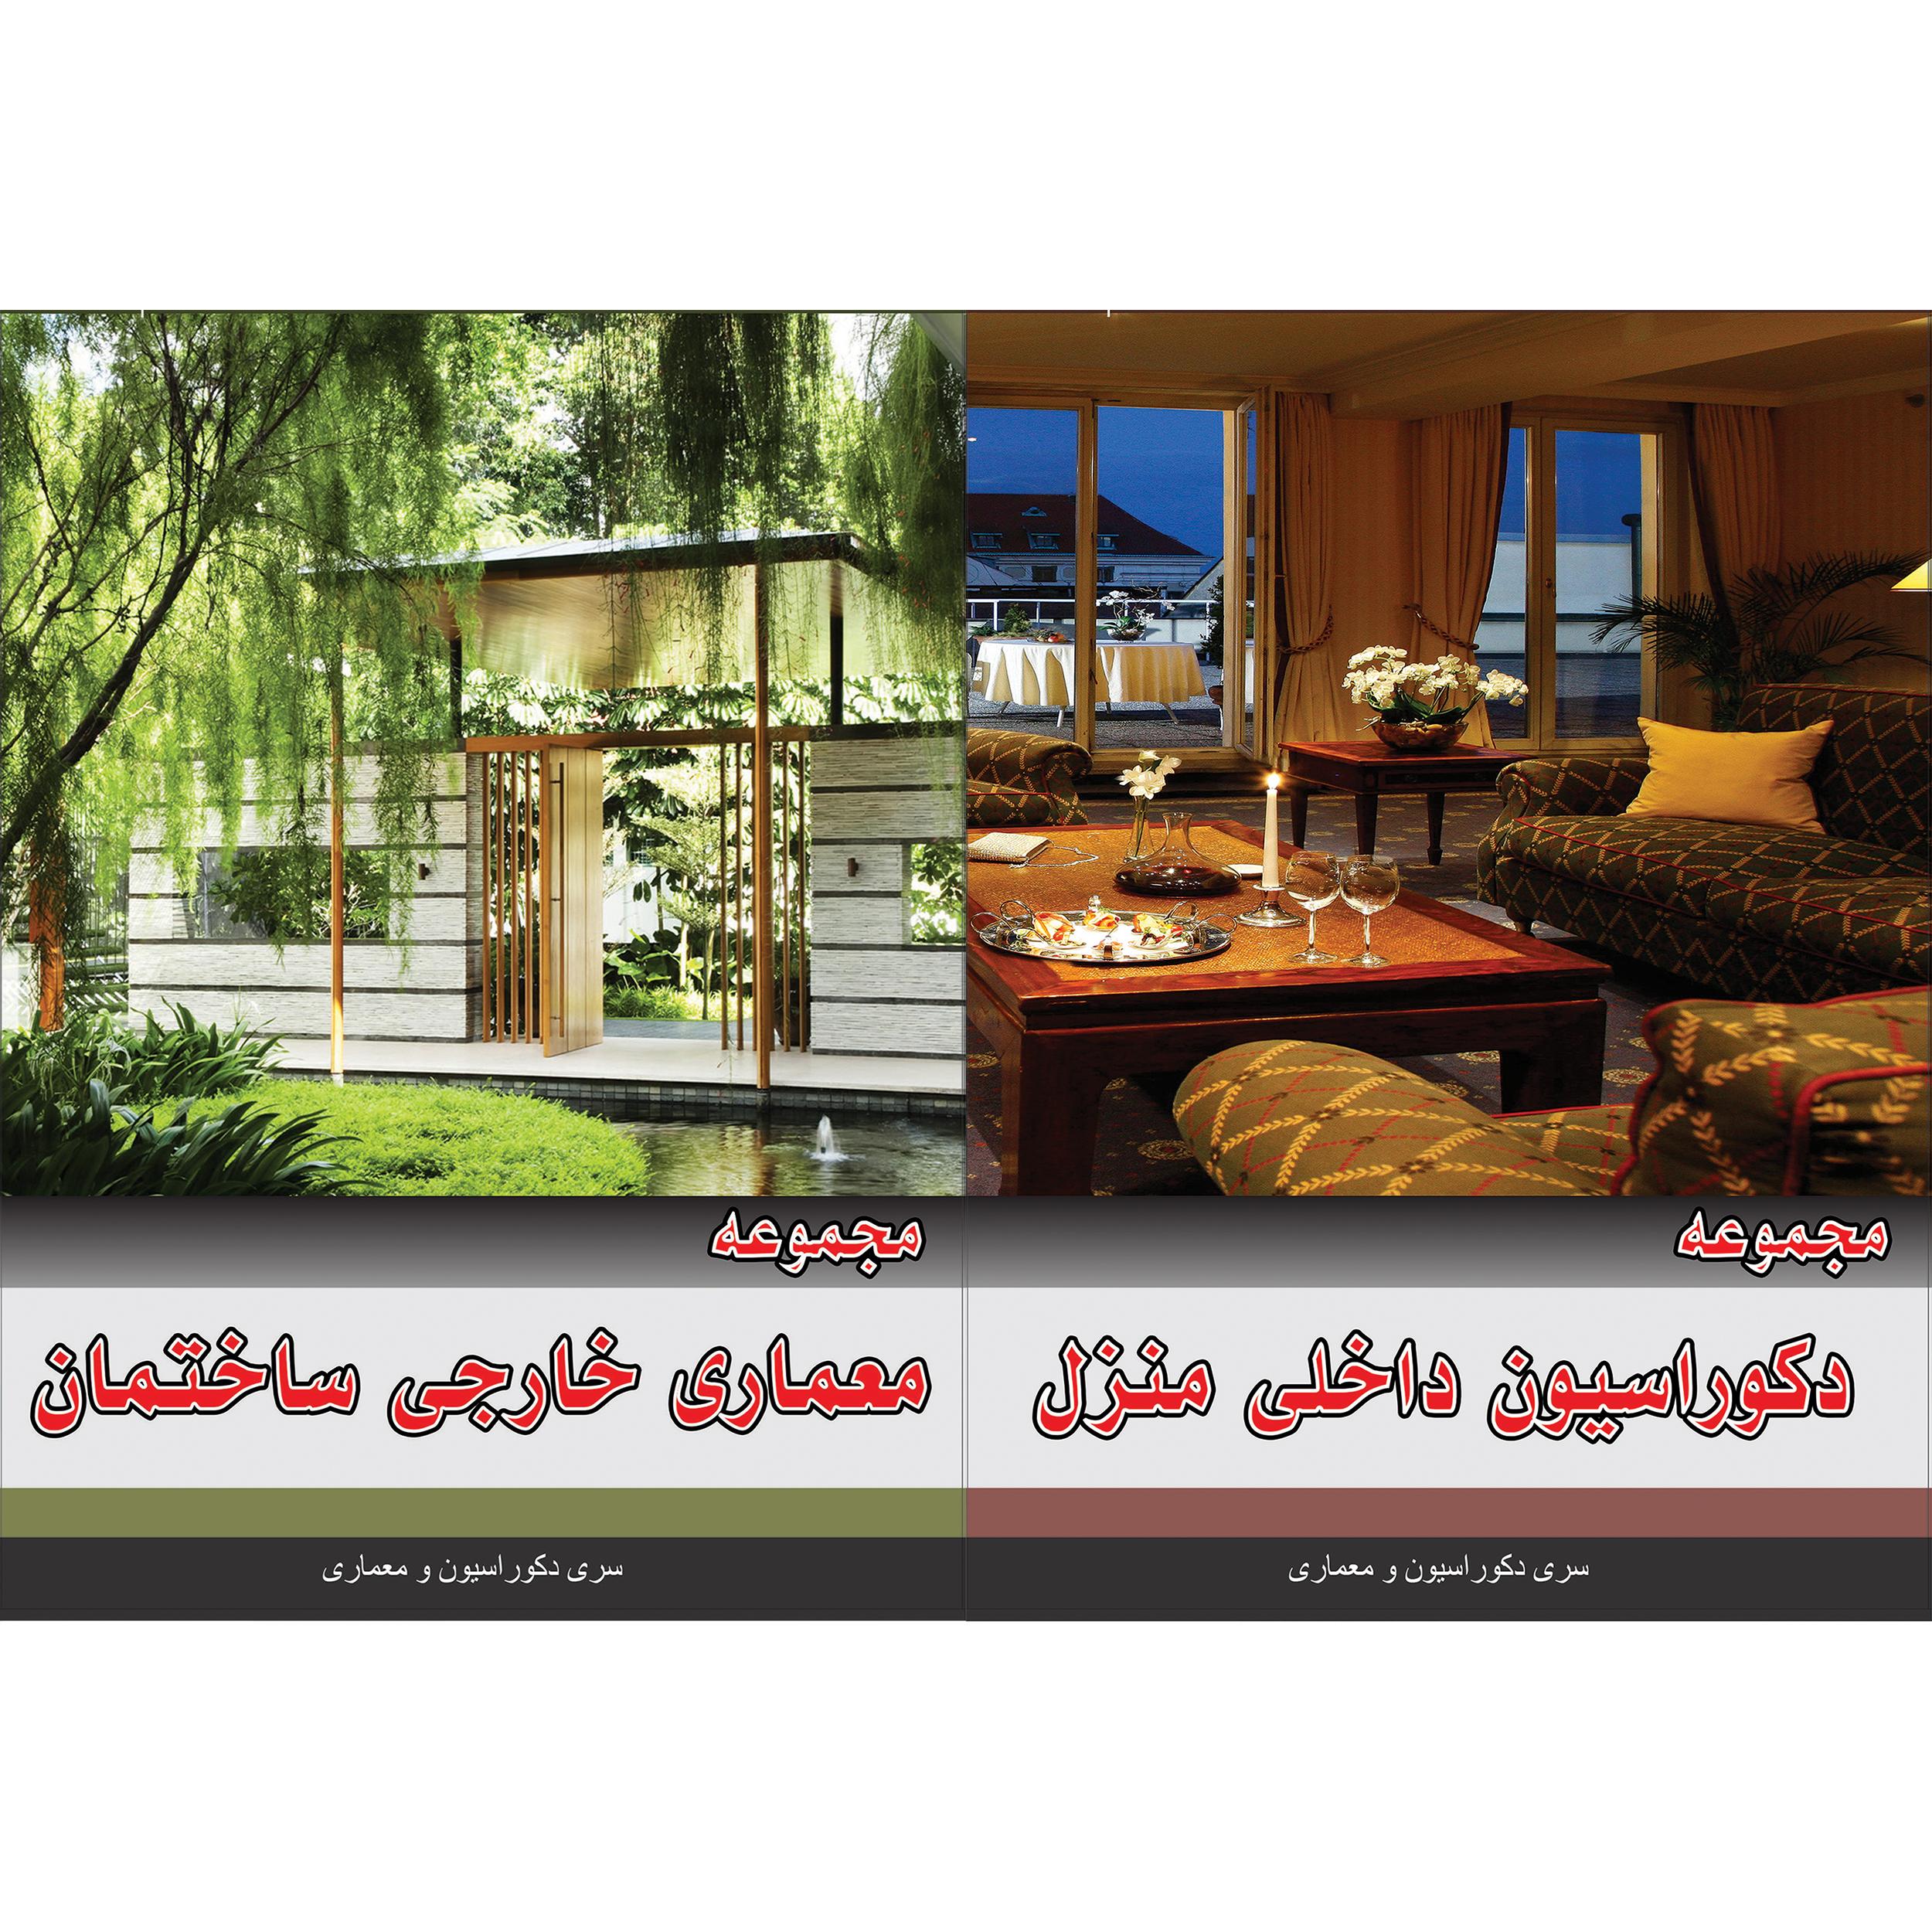 مجموعه دکوراسیون داخلی منزل نشر جی ای بانک به همراه مجموعه معماری خارجی ساختمان نشر جی ای بانک